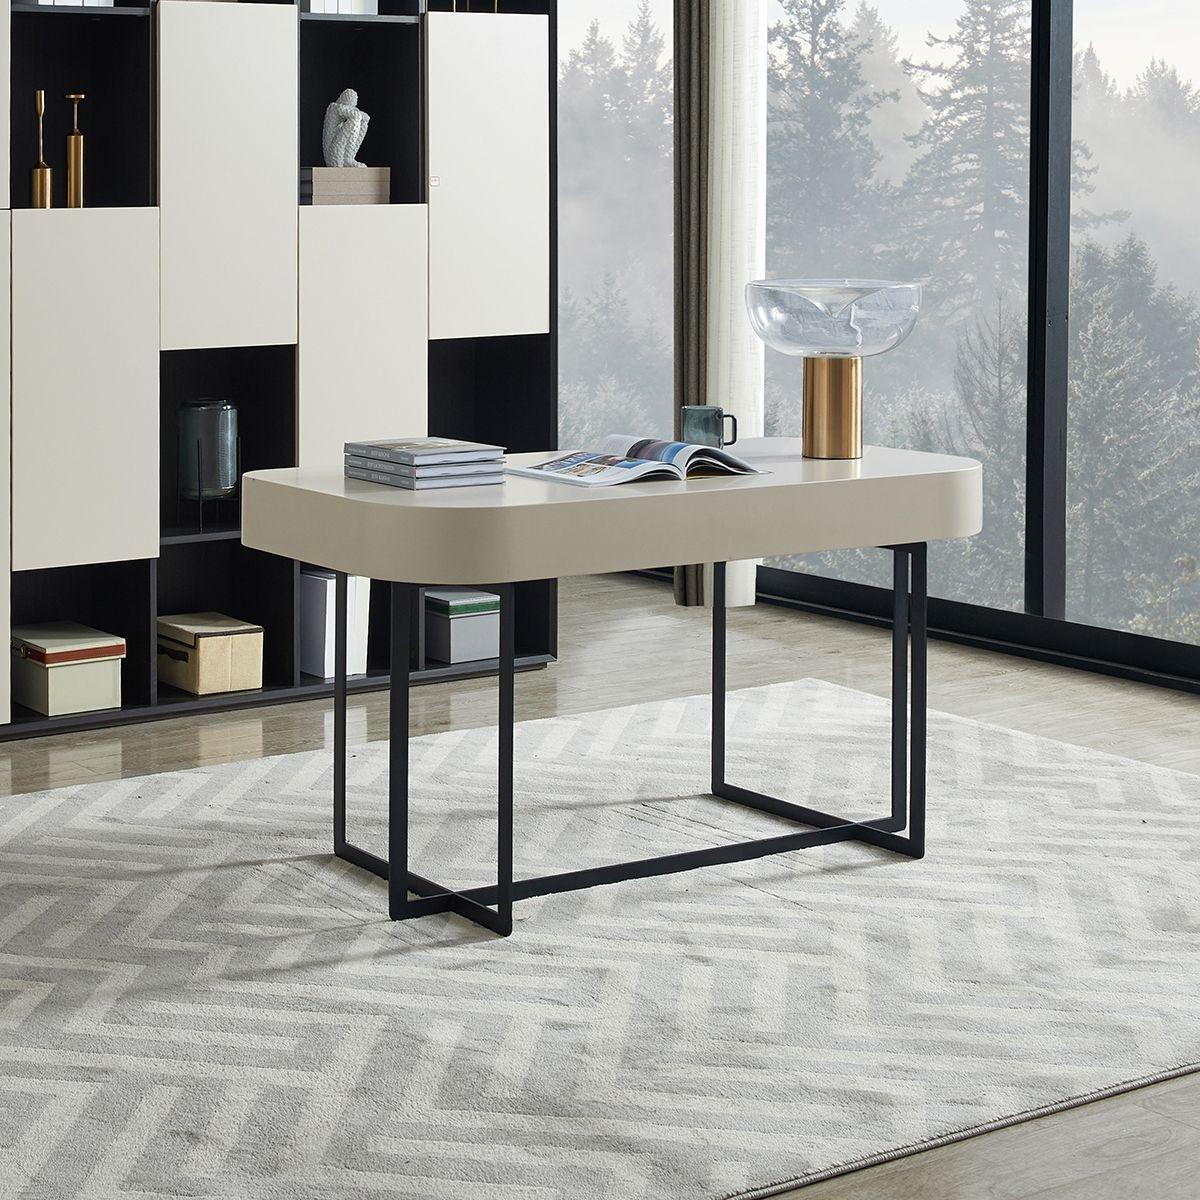 【金柏居】 艾格系列  现代风格创意书桌简约时尚多功能柜子小户型书桌